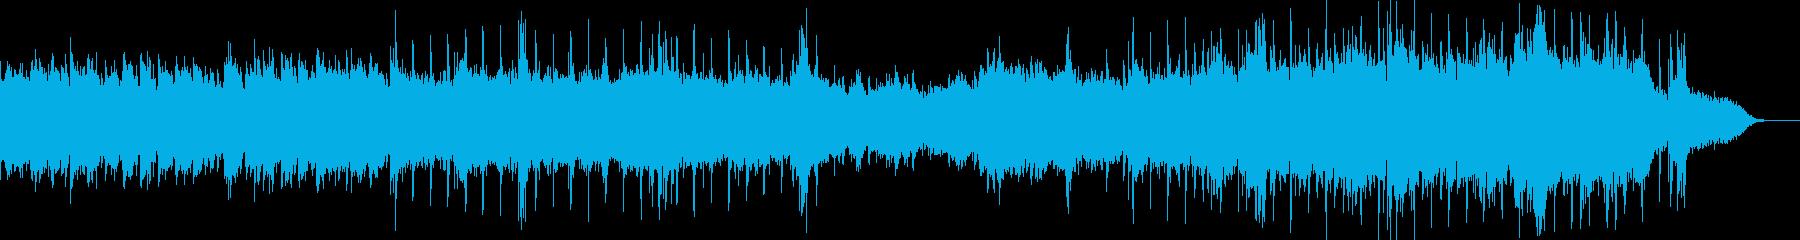 インナービューティーの再生済みの波形